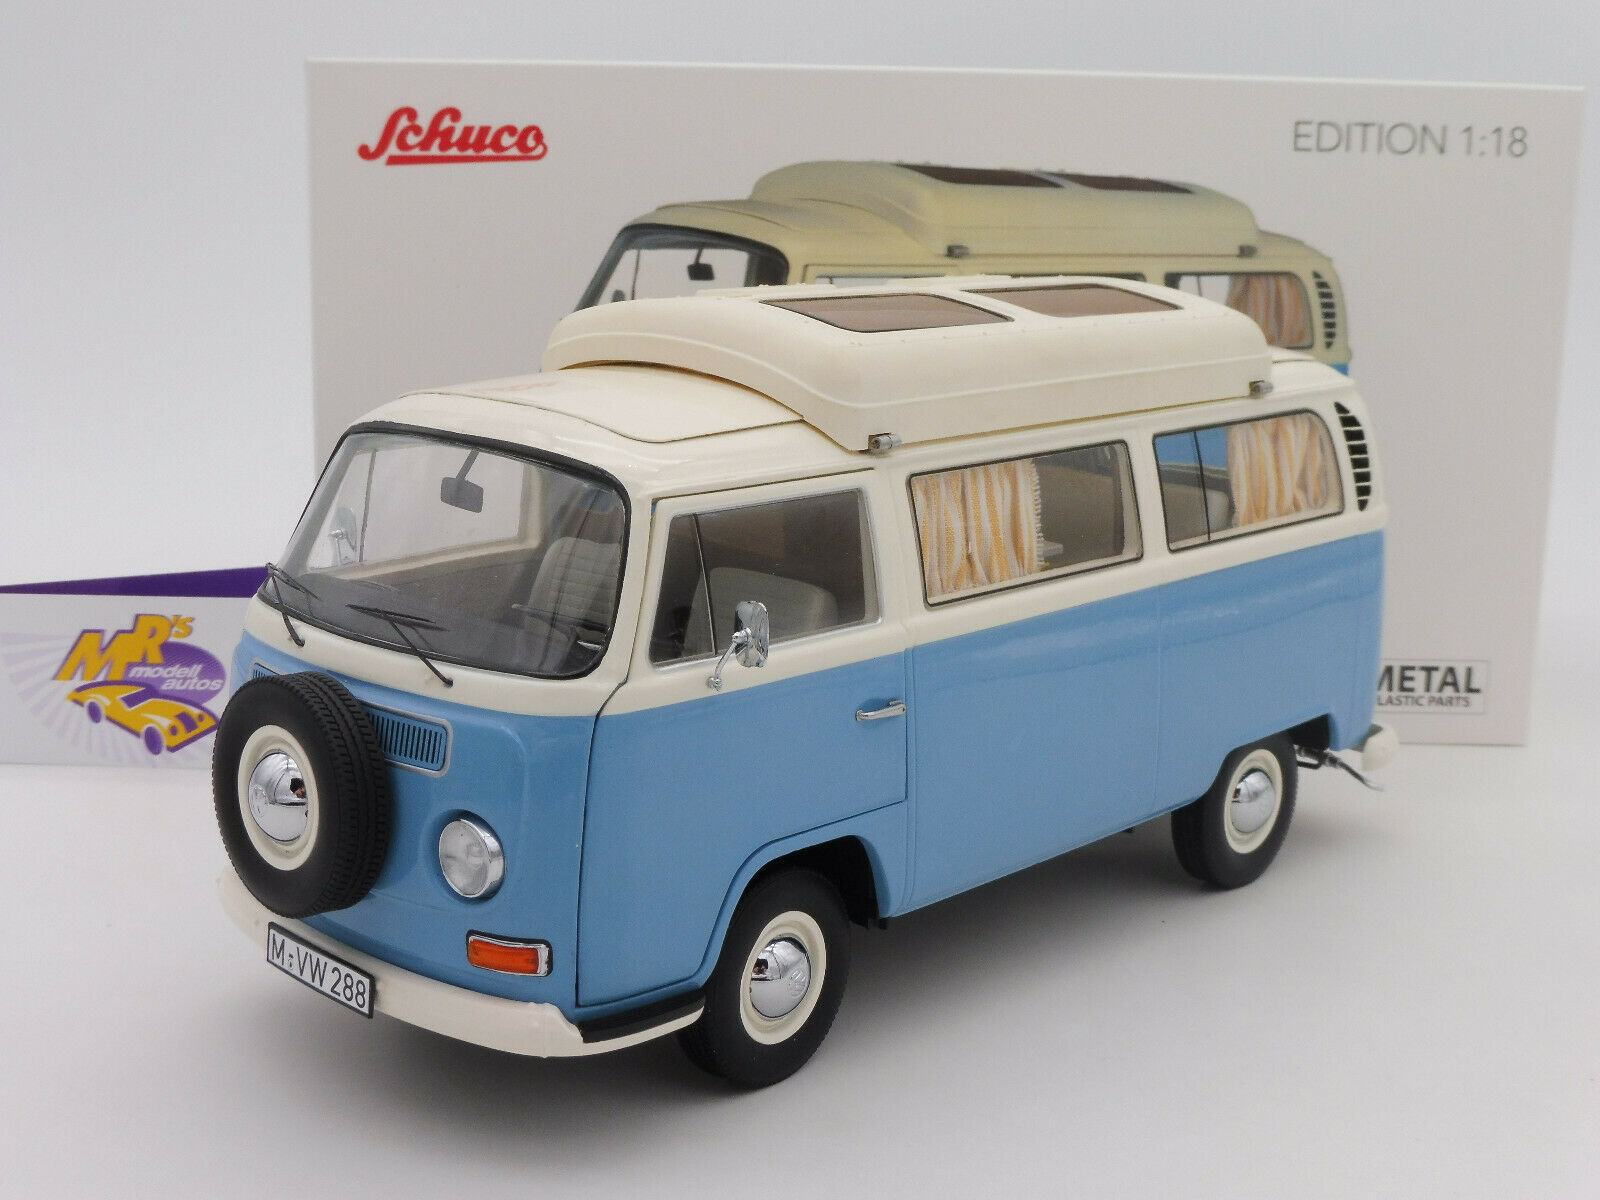 Schuco 00435   VW bus T2a Campingbus Baujahr 1970 in   neptunblau-weiß   1 18